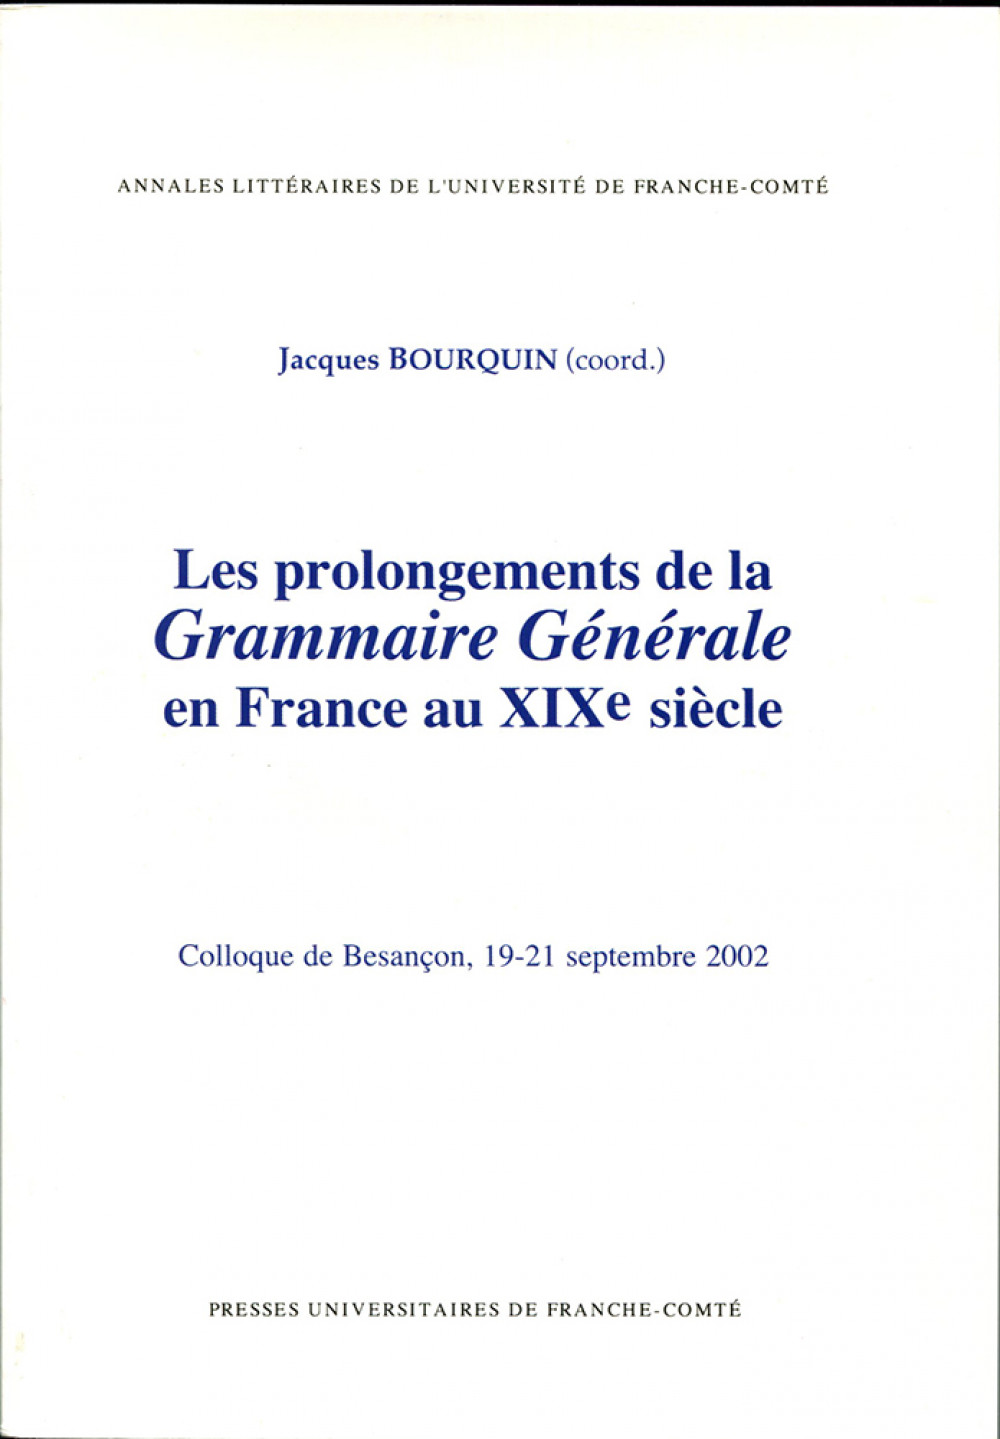 """Les prolongements de la <i>Grammaire Générale</i> en France au <span style=""""font-variant: small-caps"""">XIX</span><sup>e</sup> siècle"""